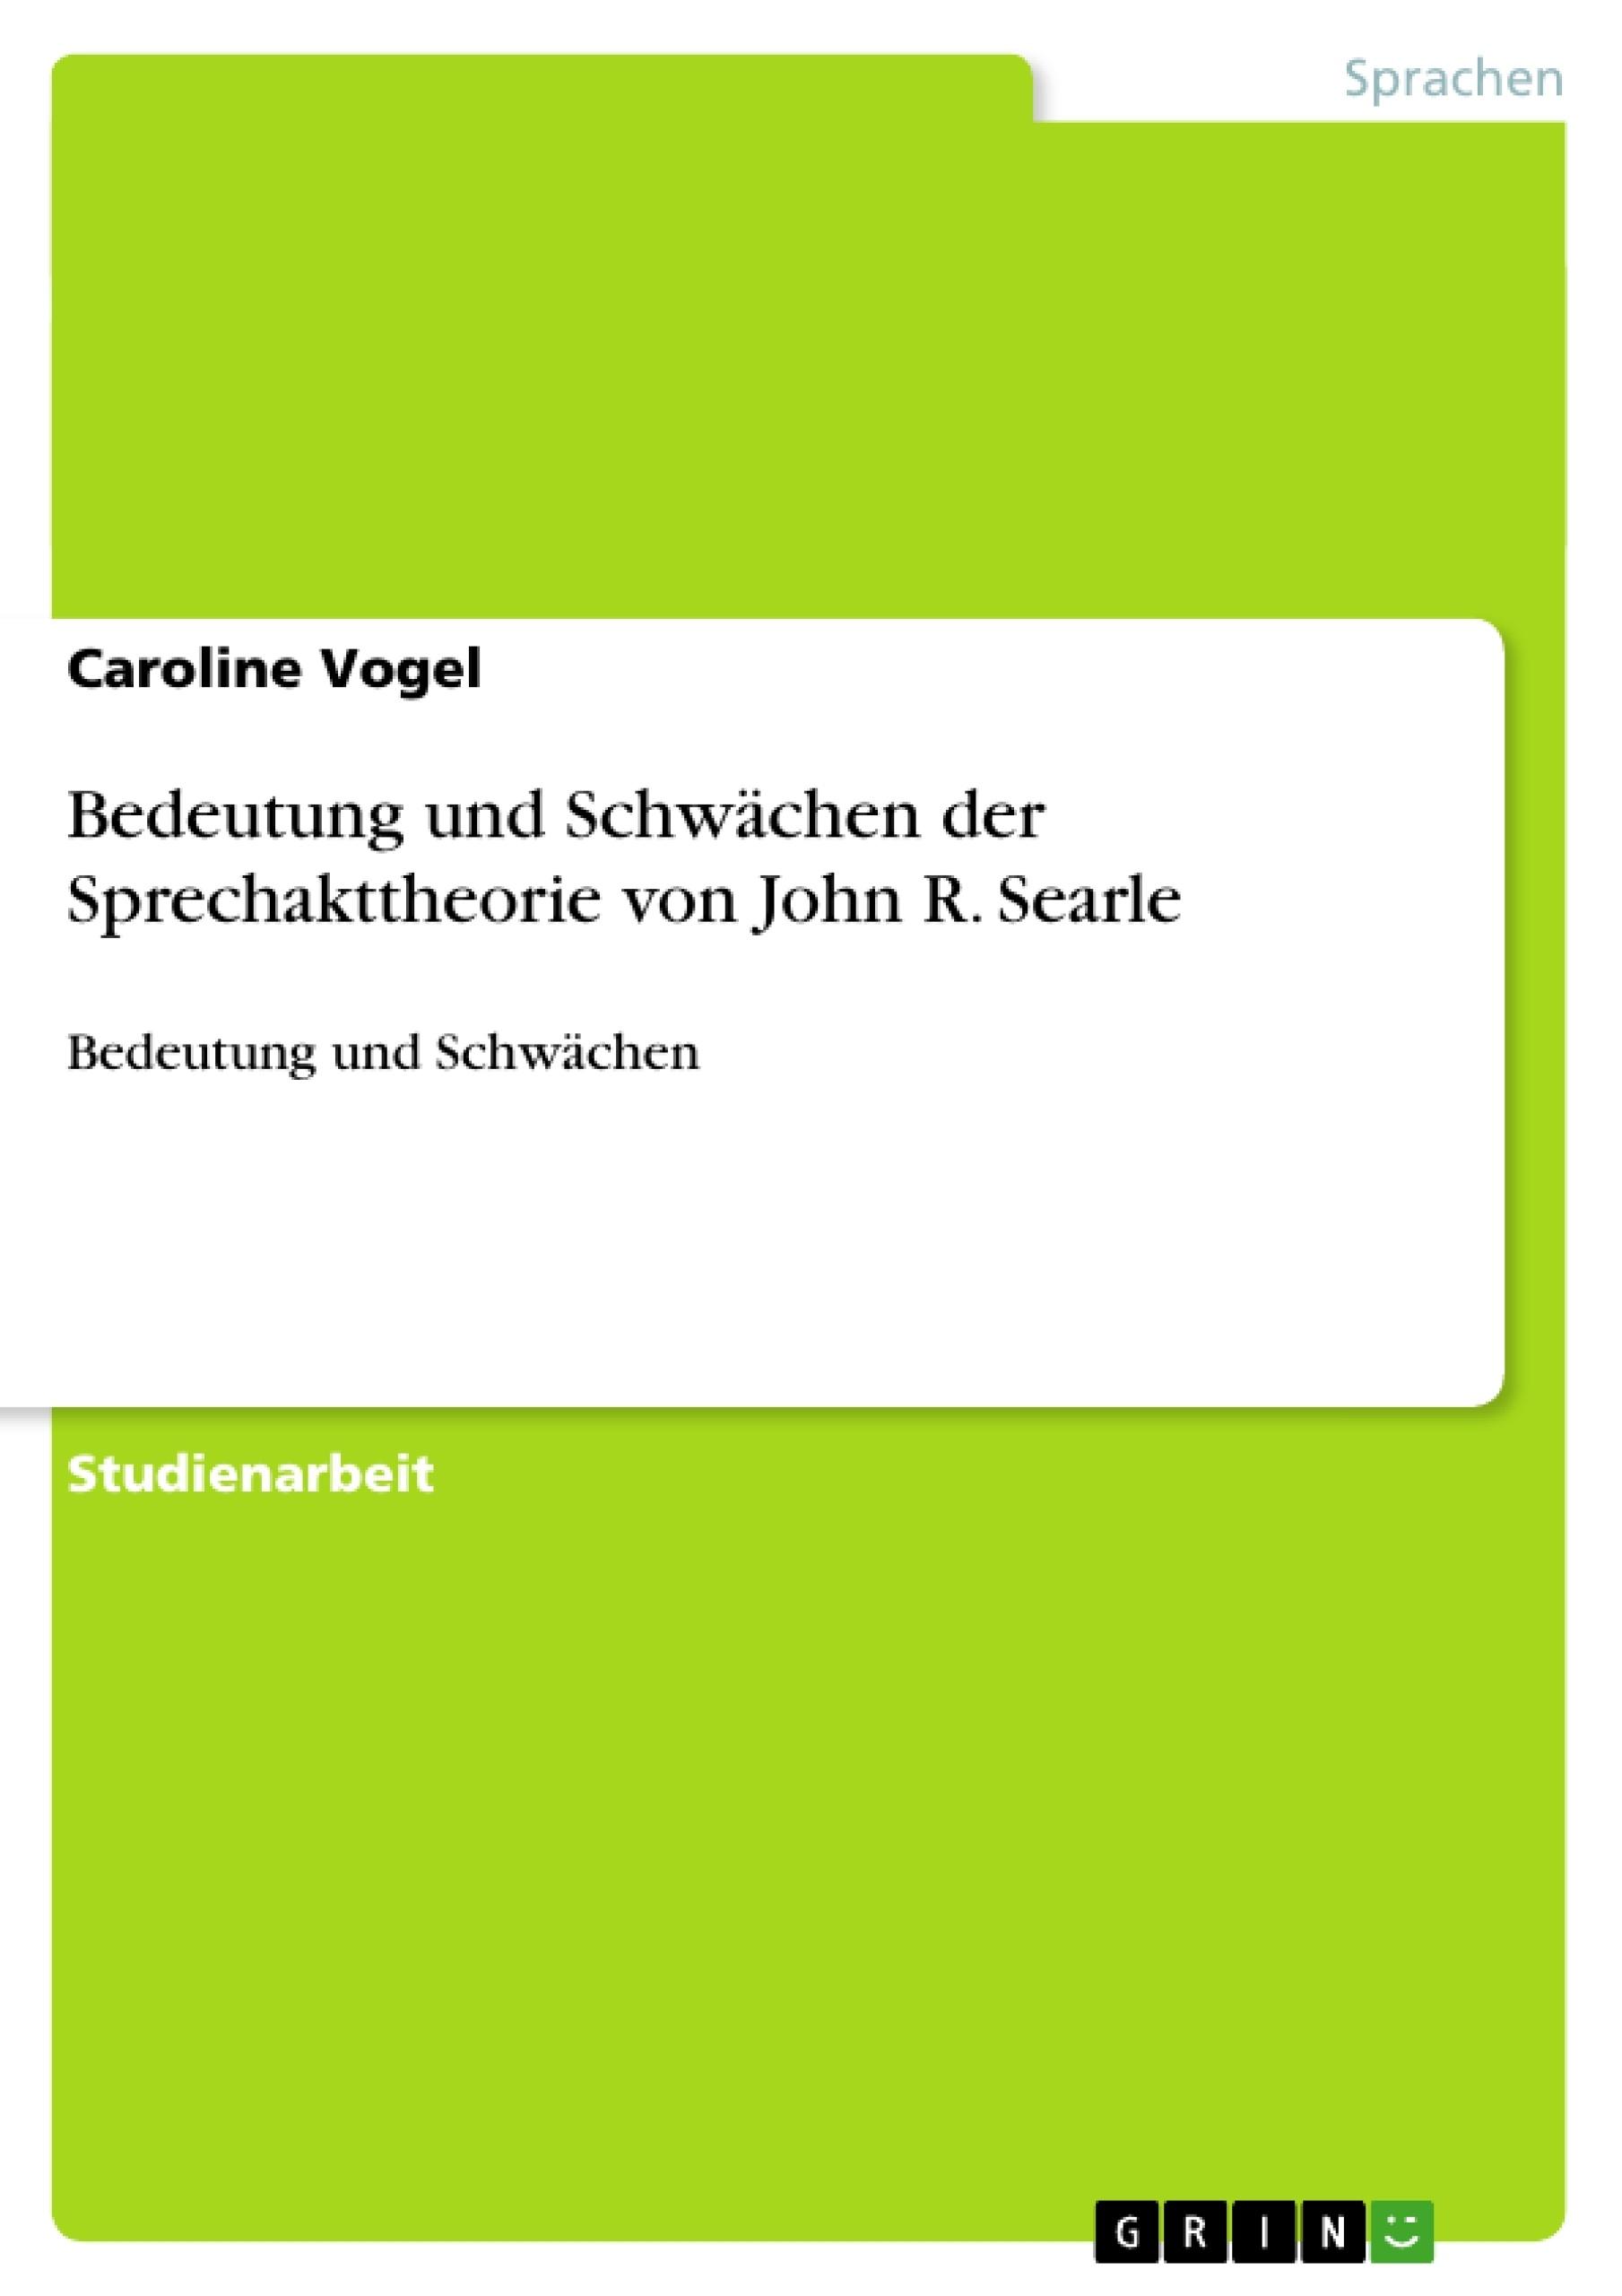 Titel: Bedeutung und Schwächen der Sprechakttheorie von John R. Searle